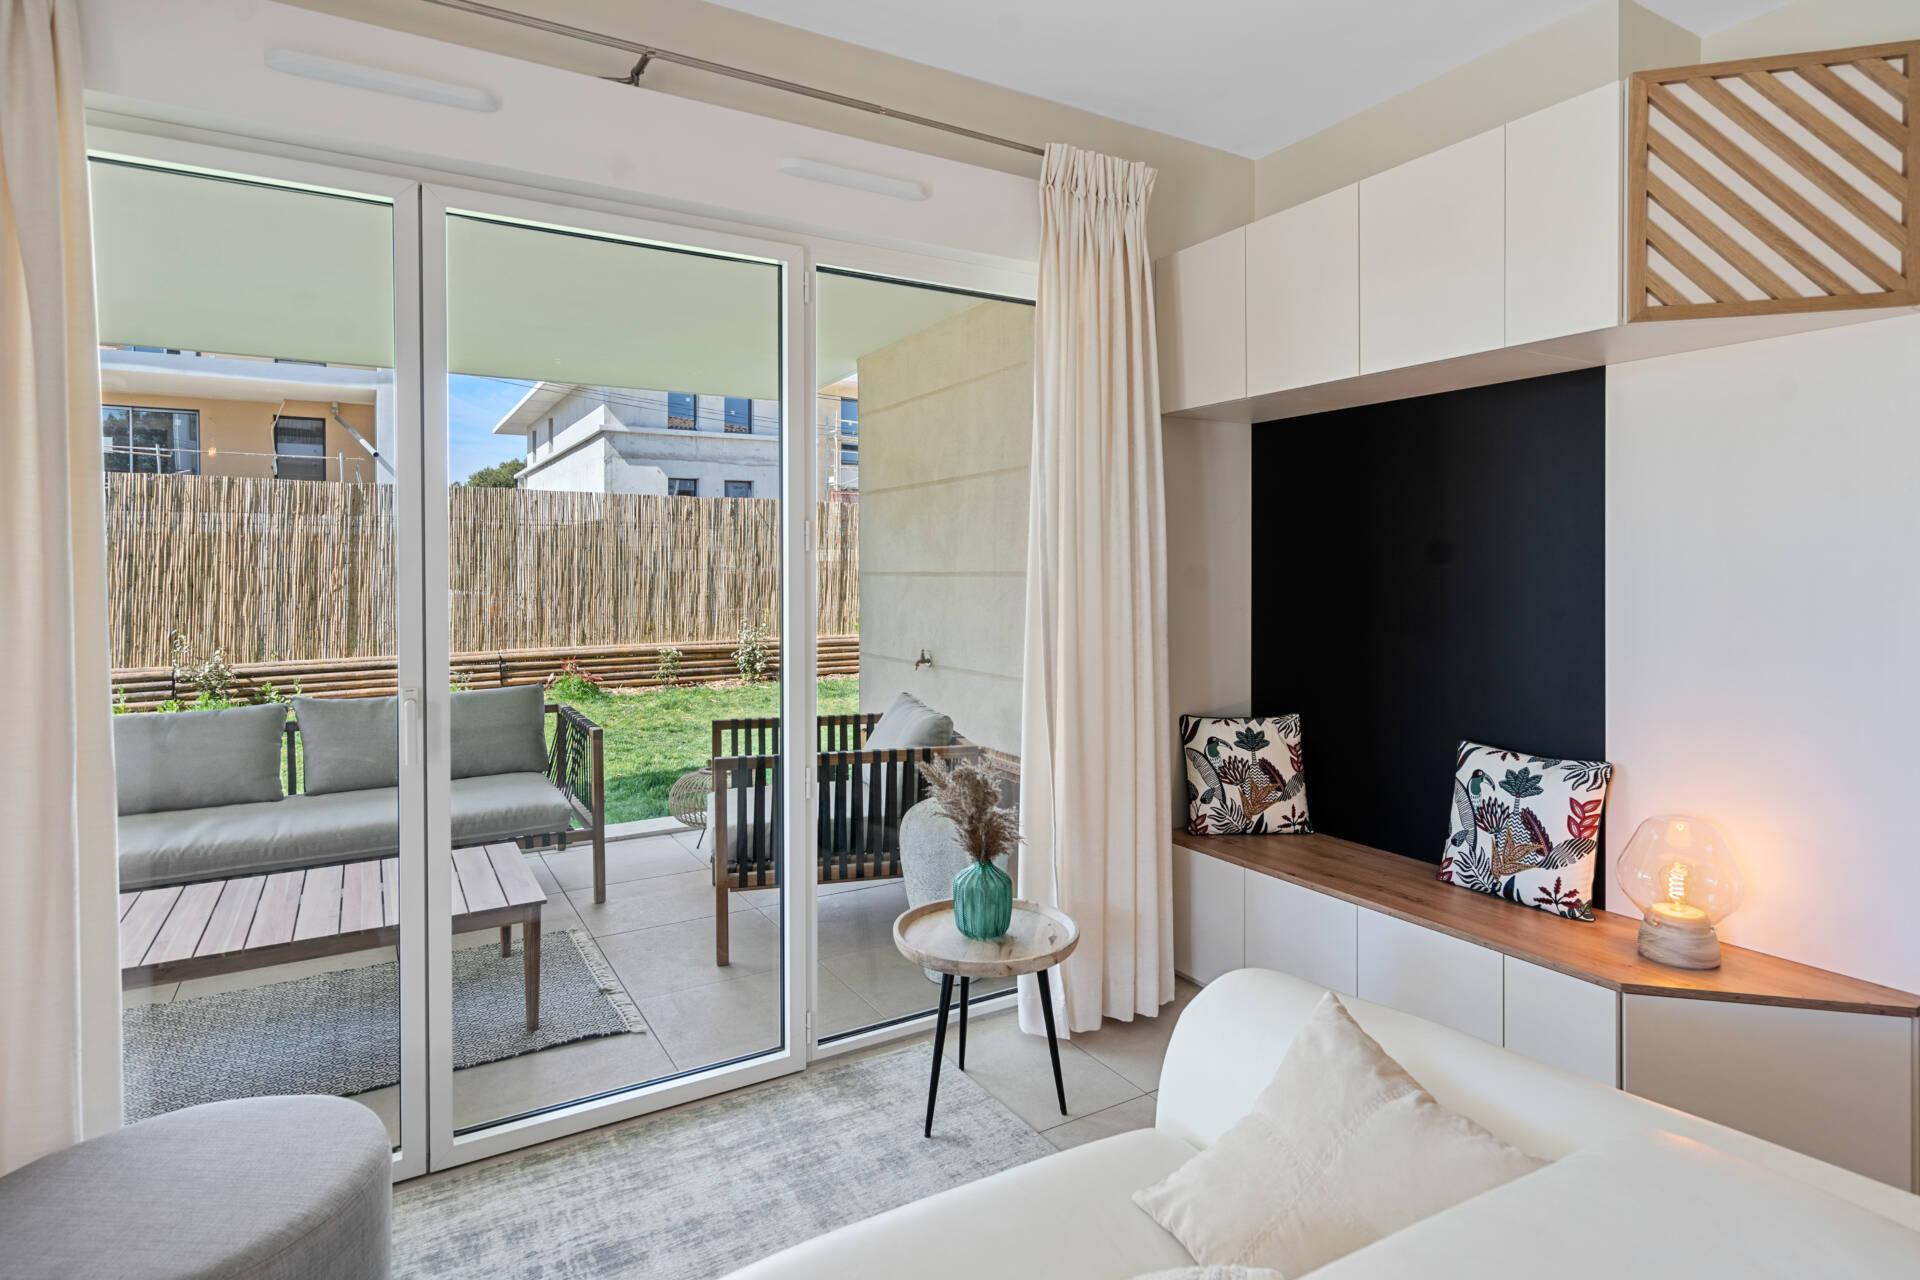 Décoration et agencement Appartement neuf Aix en Provence - Salon blanc et bois, par Myll décors , Agence de décoration à Aix en Provence et dans le Var